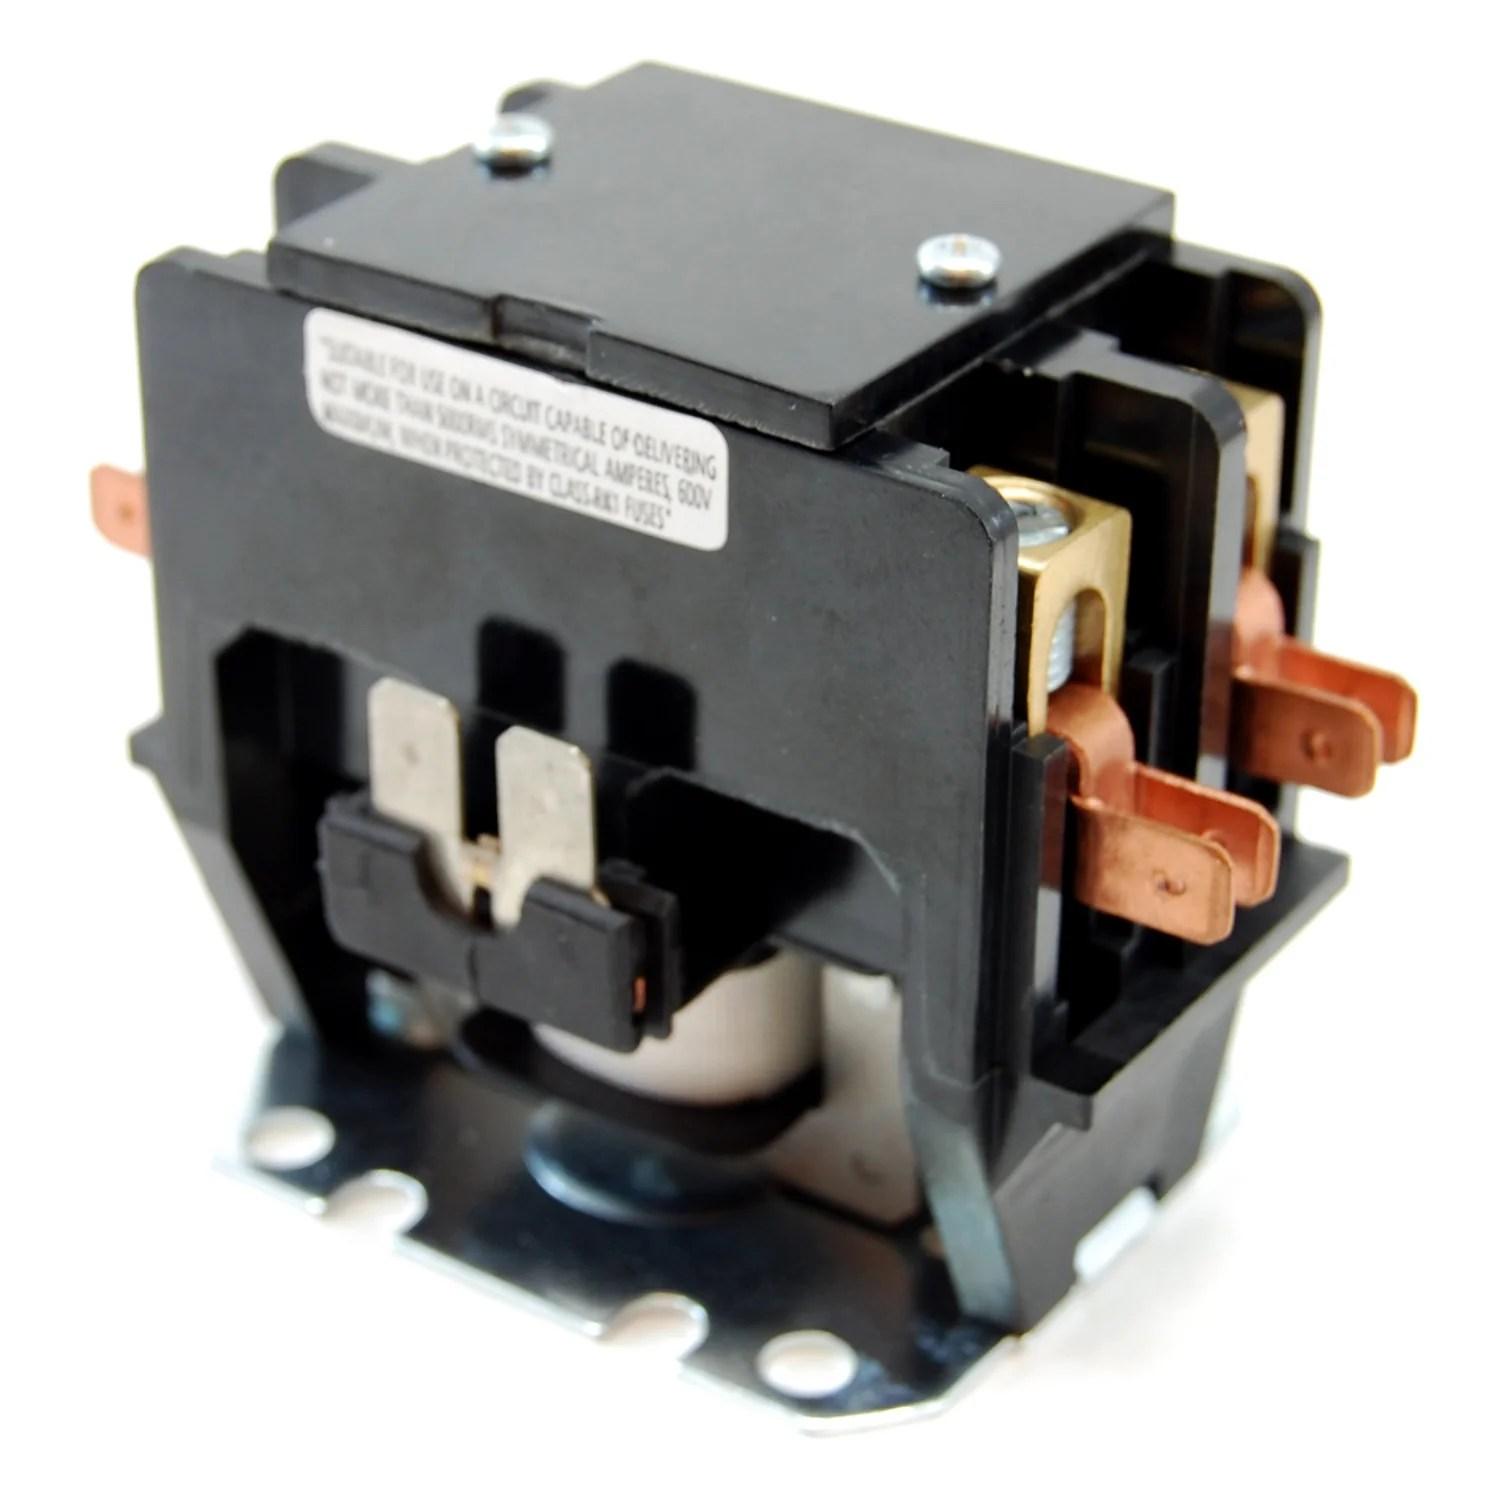 50a 250v dpst contactor 220 240v ac coil [ 1490 x 1490 Pixel ]